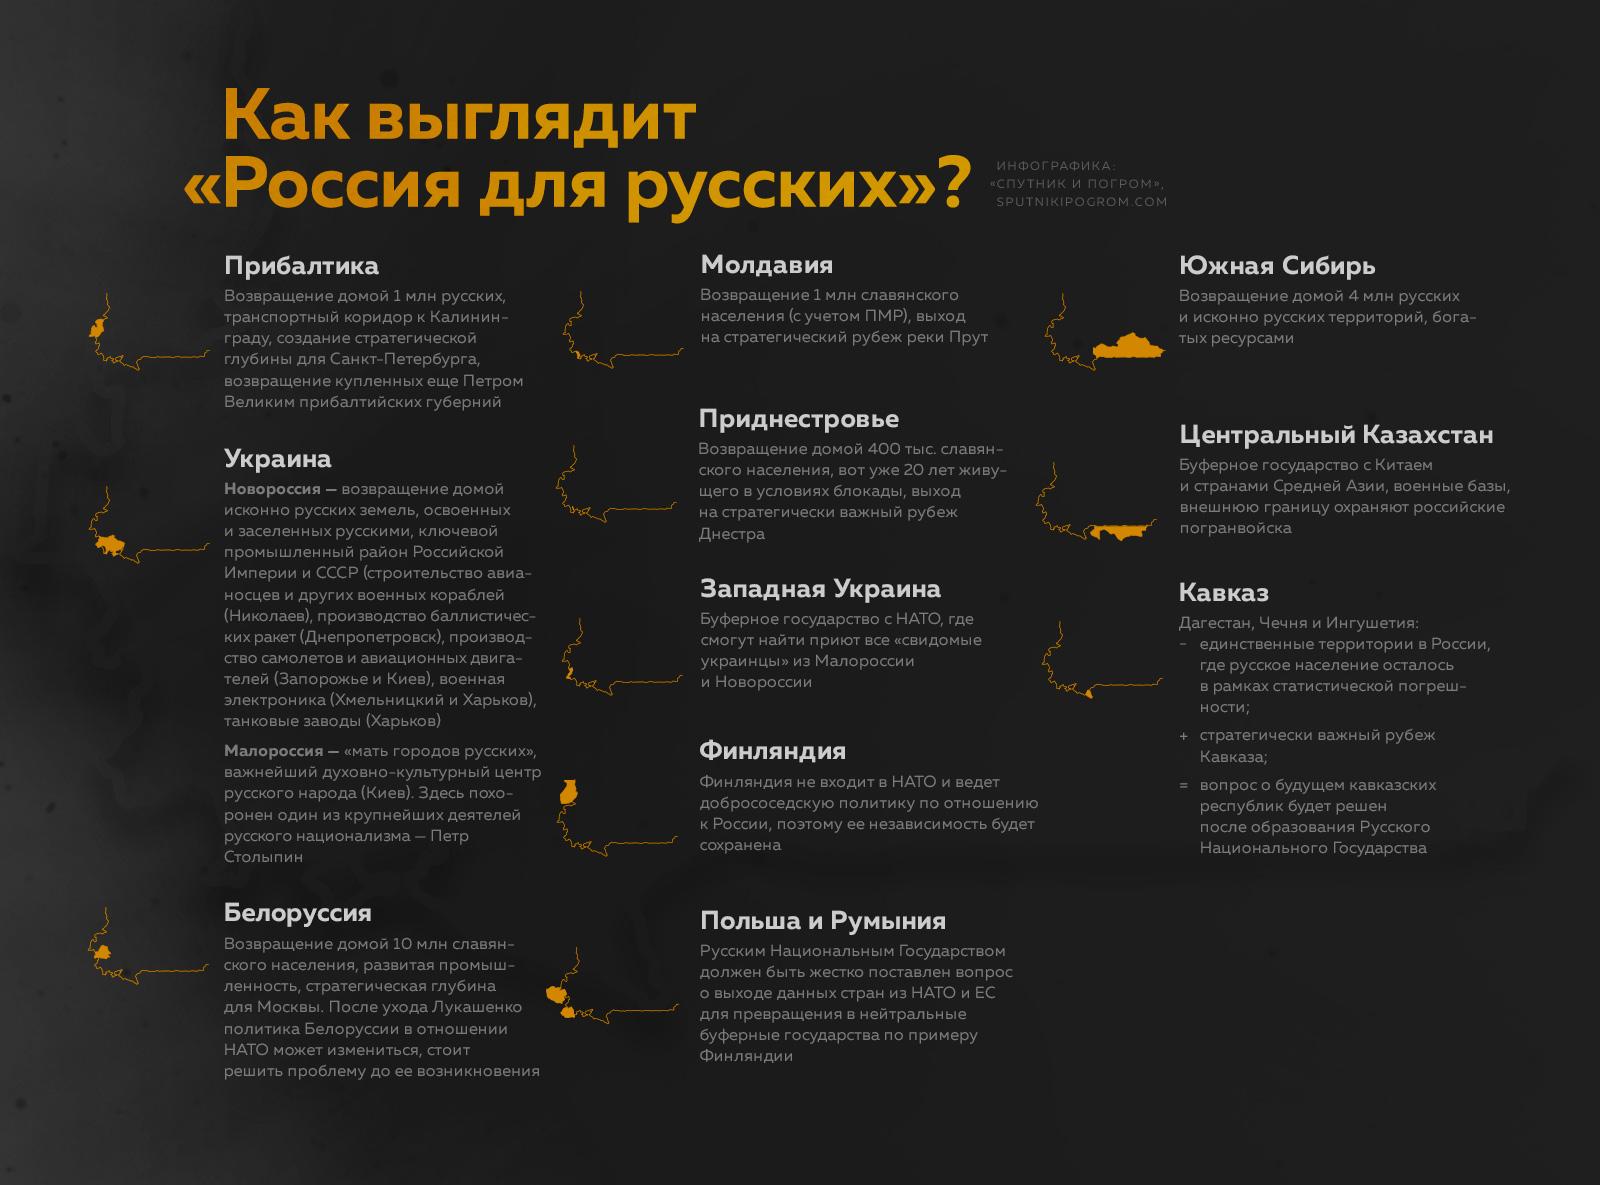 Земли Русского национального государства Russiamap2x